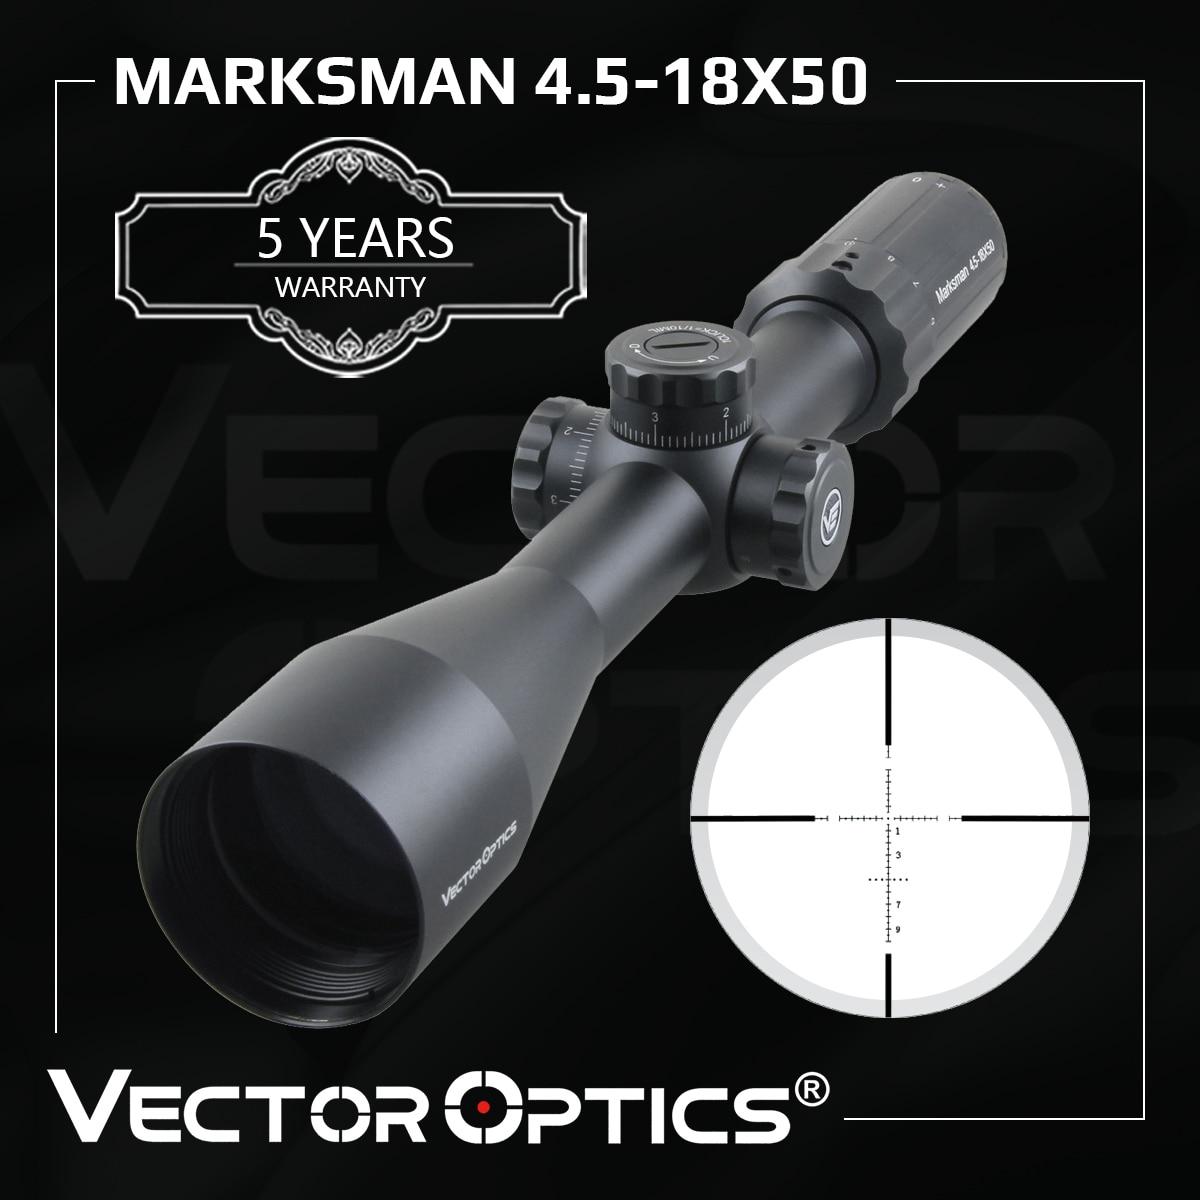 Оптический прицел Vector, стрелок 4,5-18x50, тактический прицел для винтовки, оптический прицел, замок с башней 1/10 мил, для охотничьей мишени